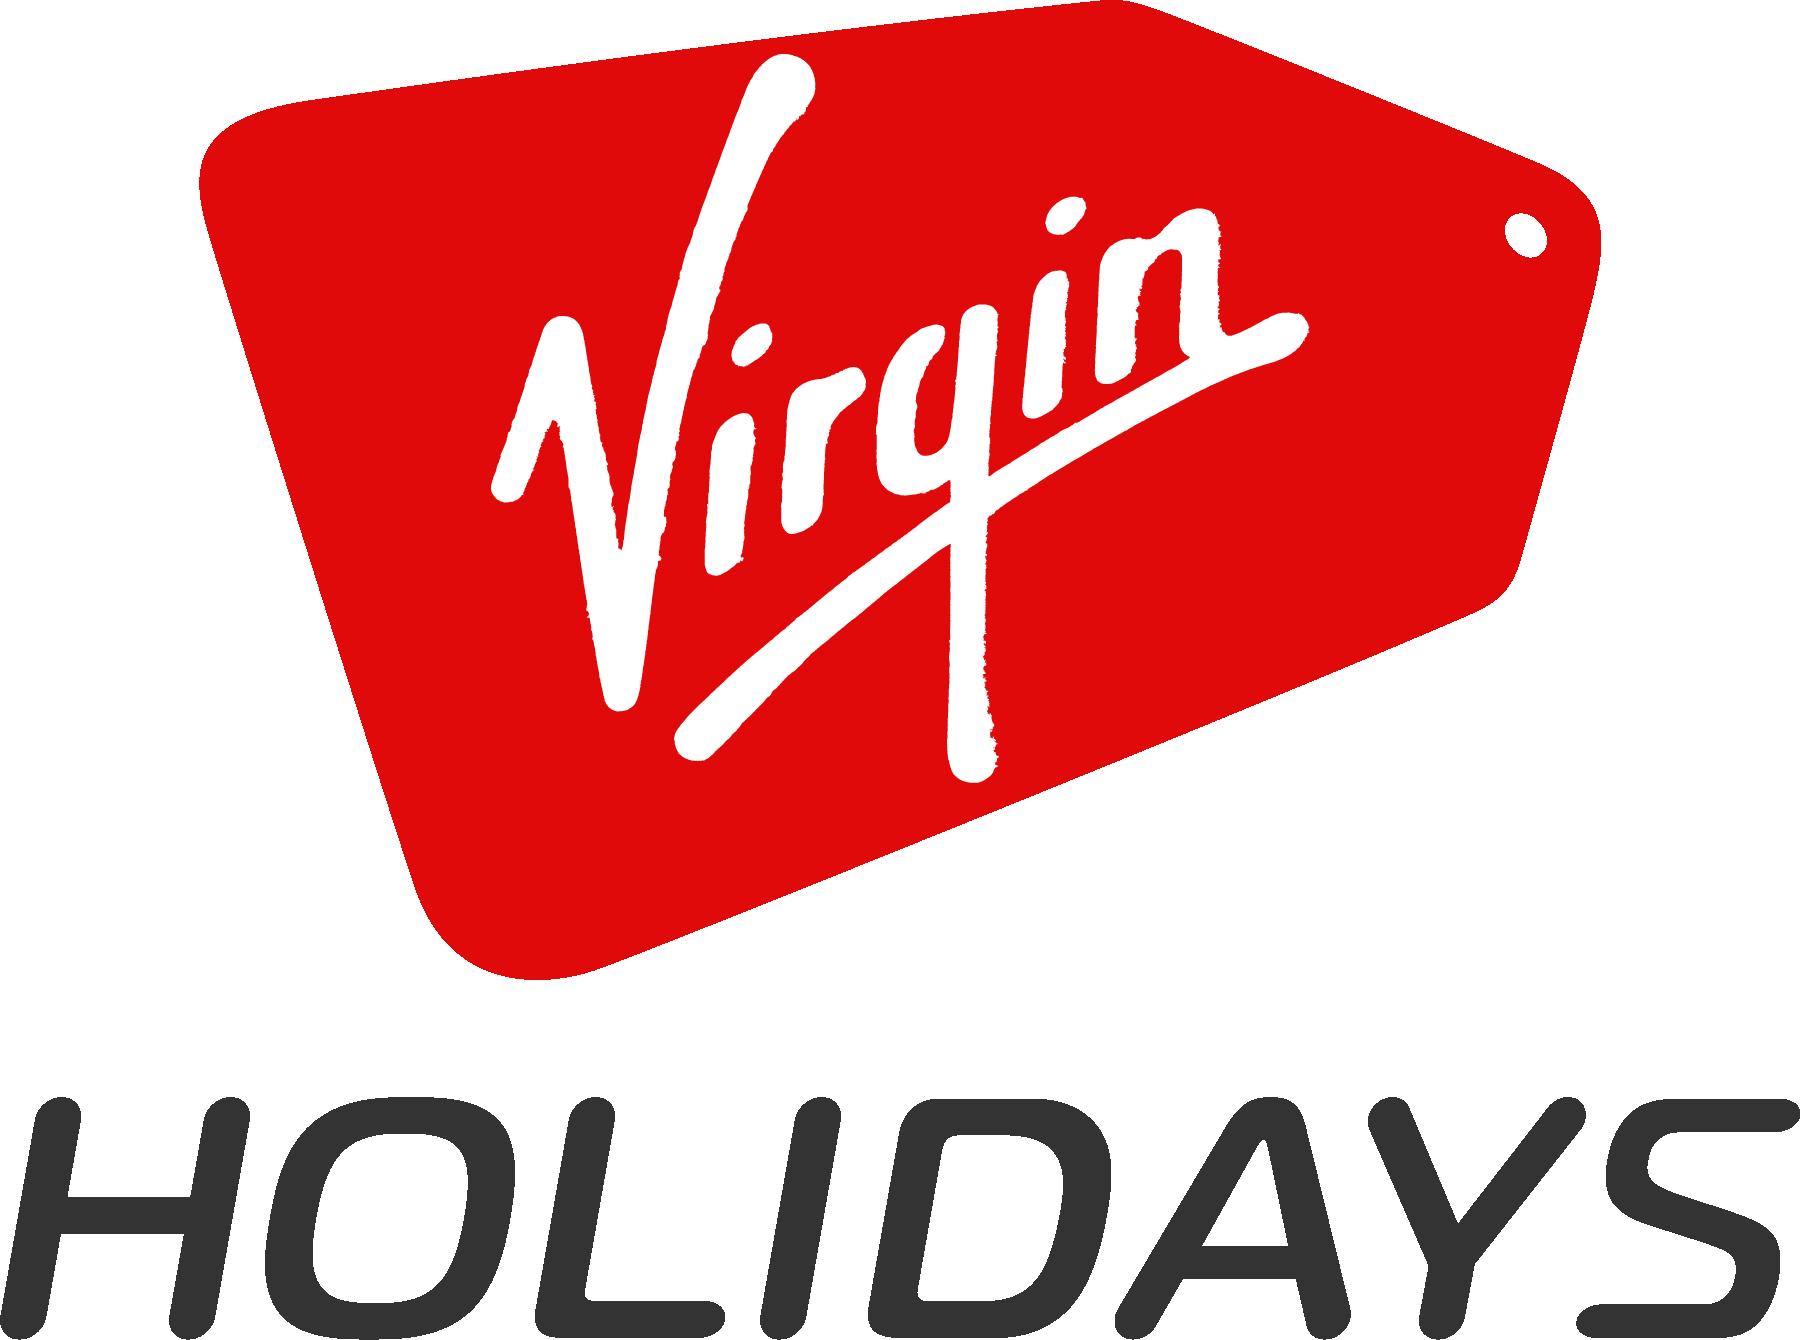 Virgin Holidays at Debenhams, Birmingham